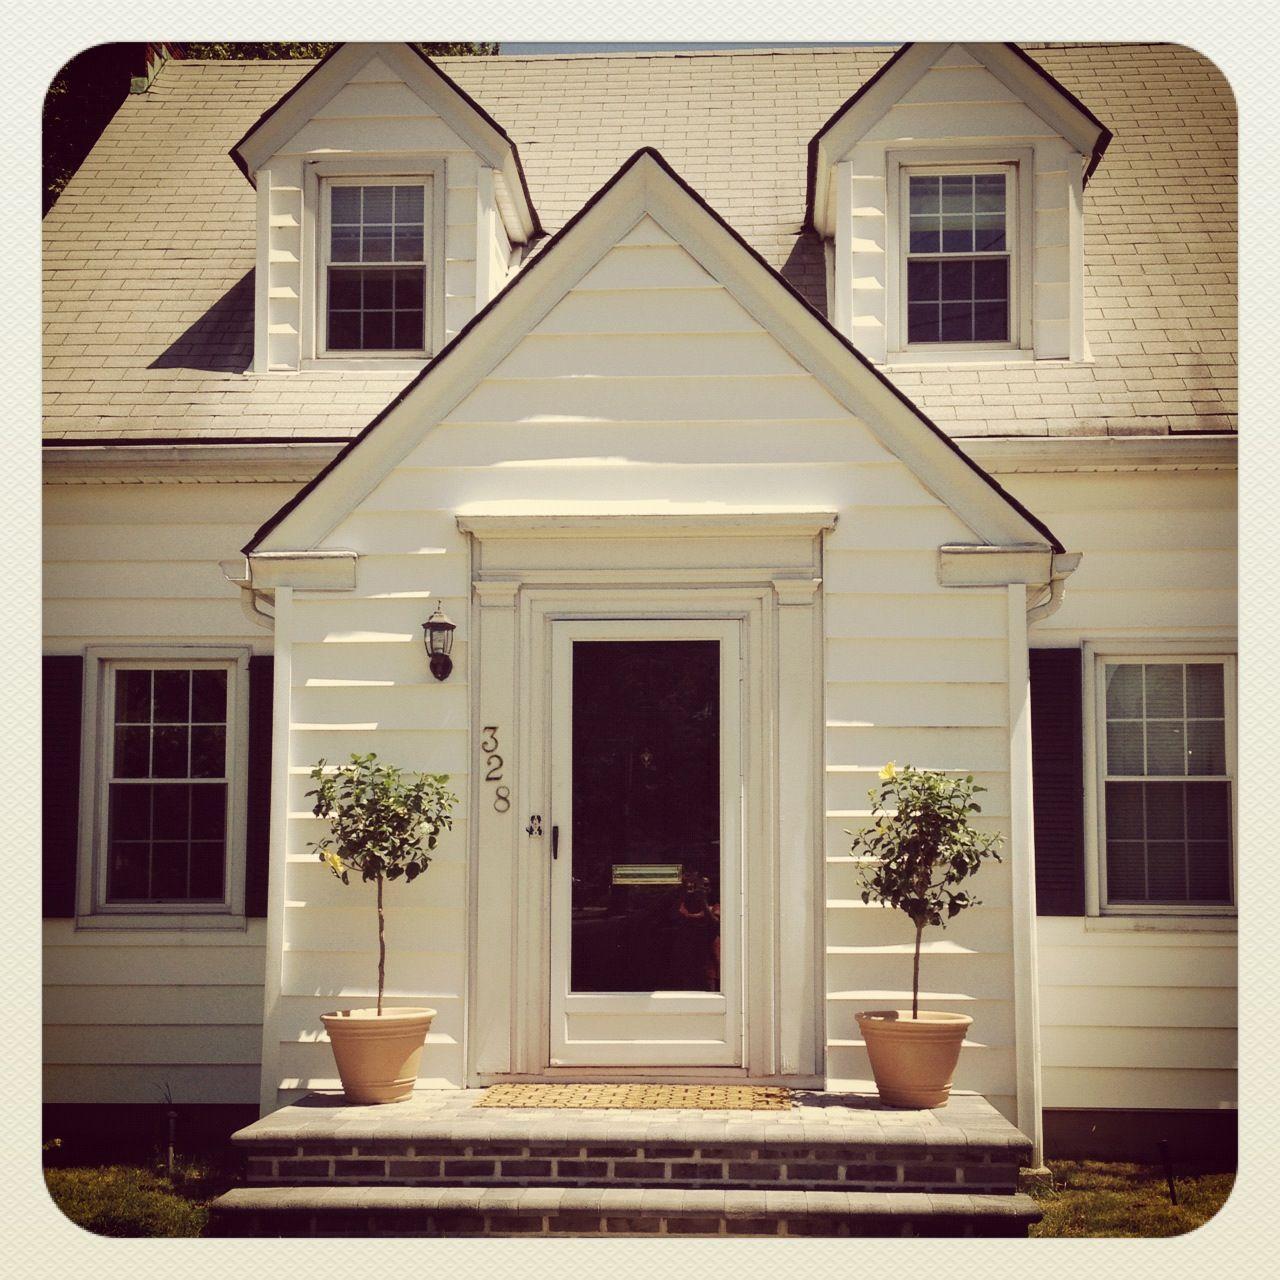 Pictures of front doors with storm doors - Black Door With White Storm Door